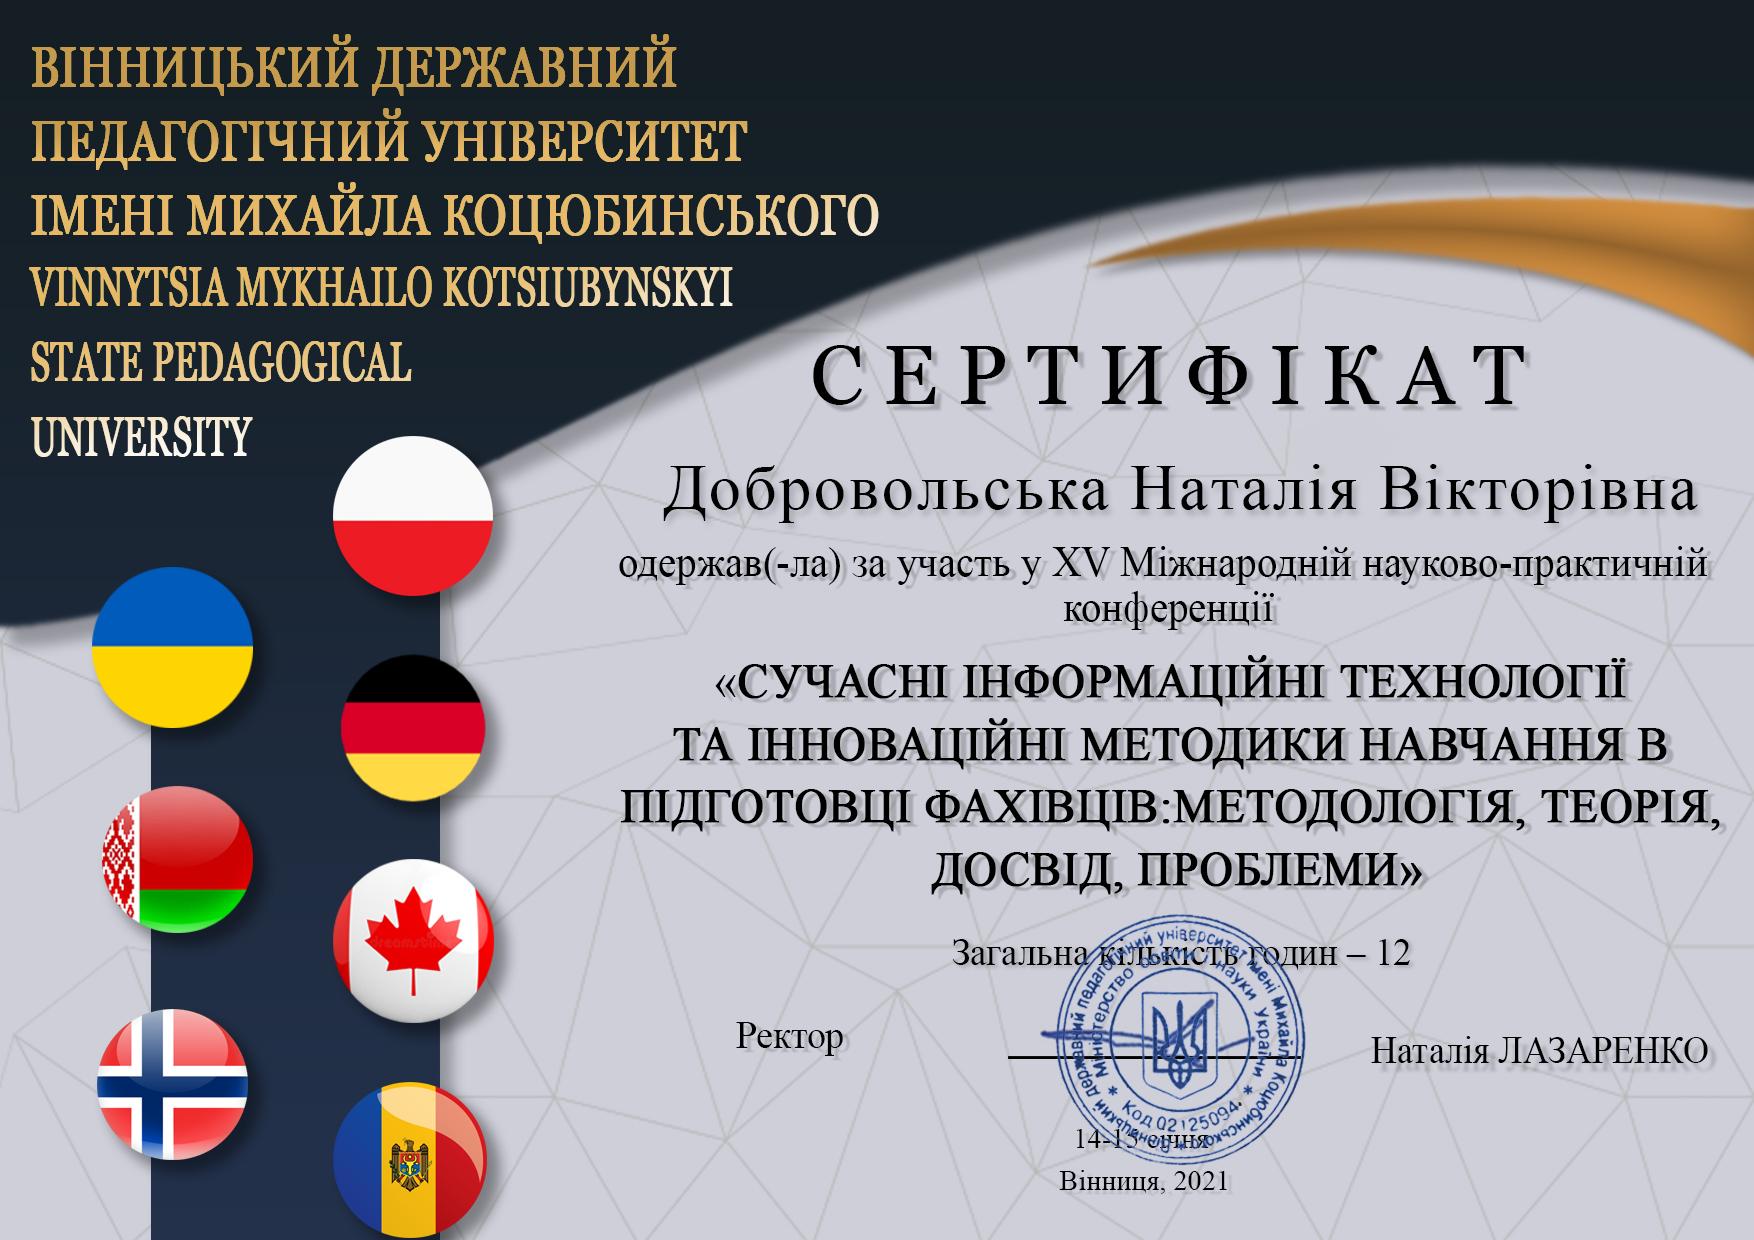 Добровольська Наталія Вікторівна